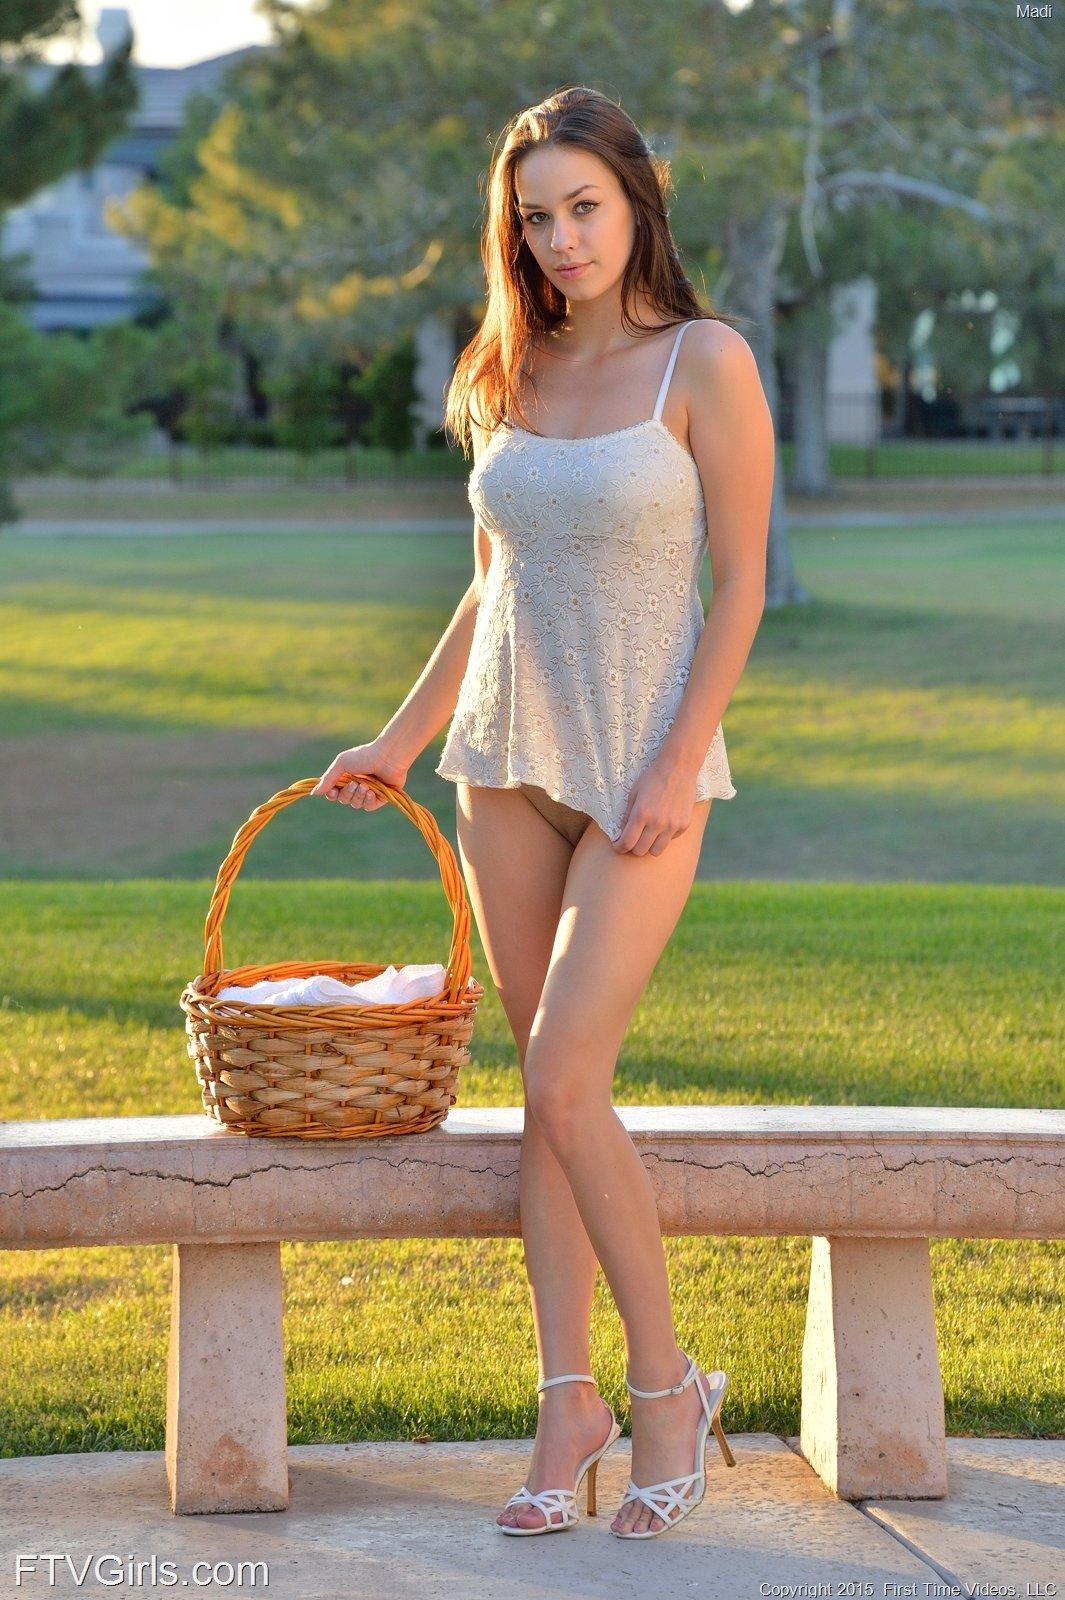 Hot hollywood bikini actress in bikini